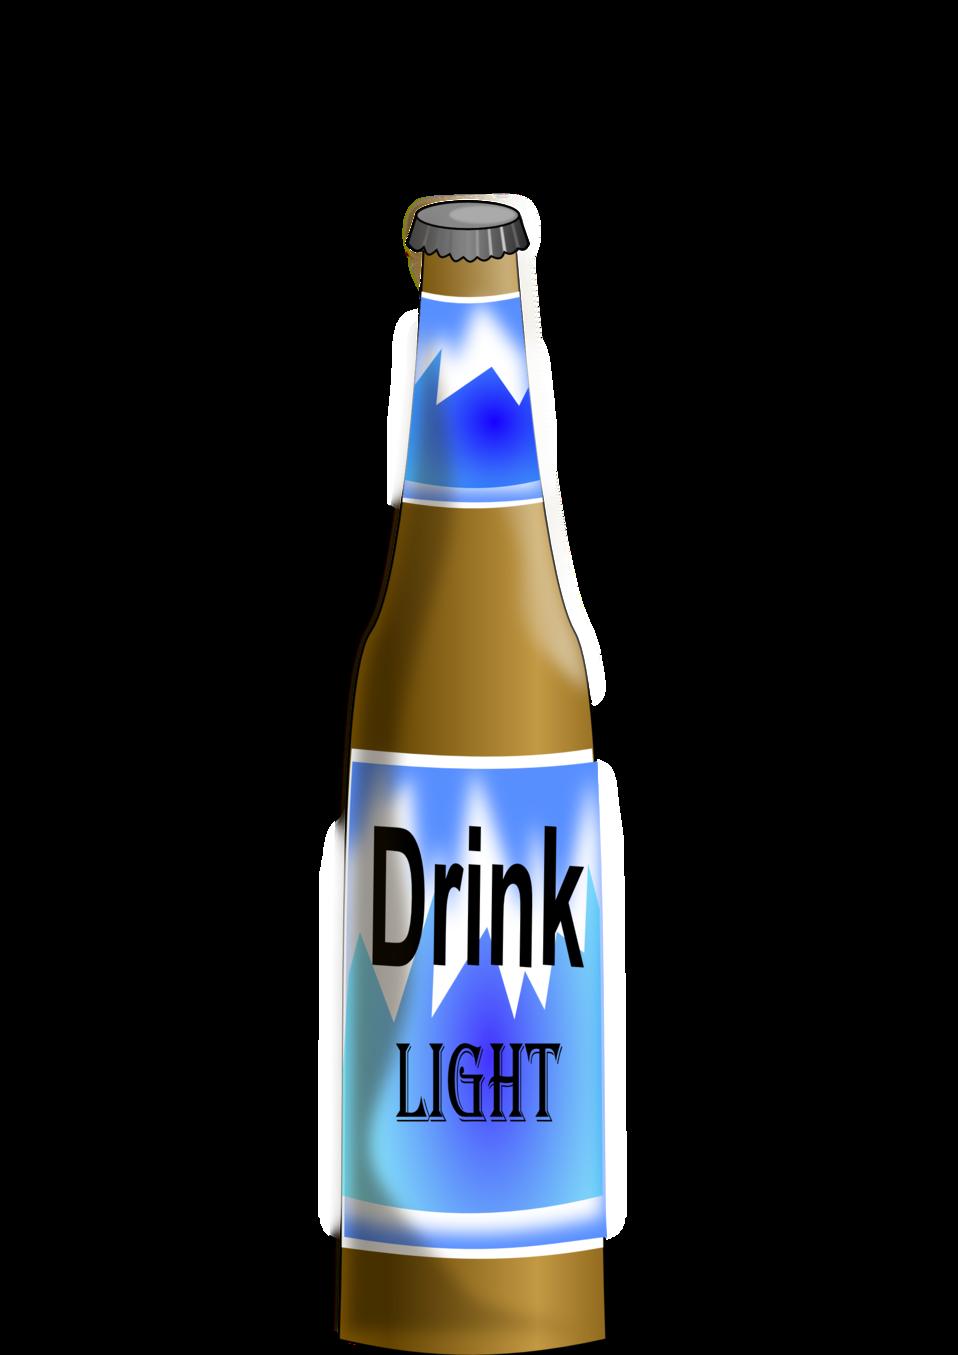 Drinks clipart cold drink bottle. Public domain clip art